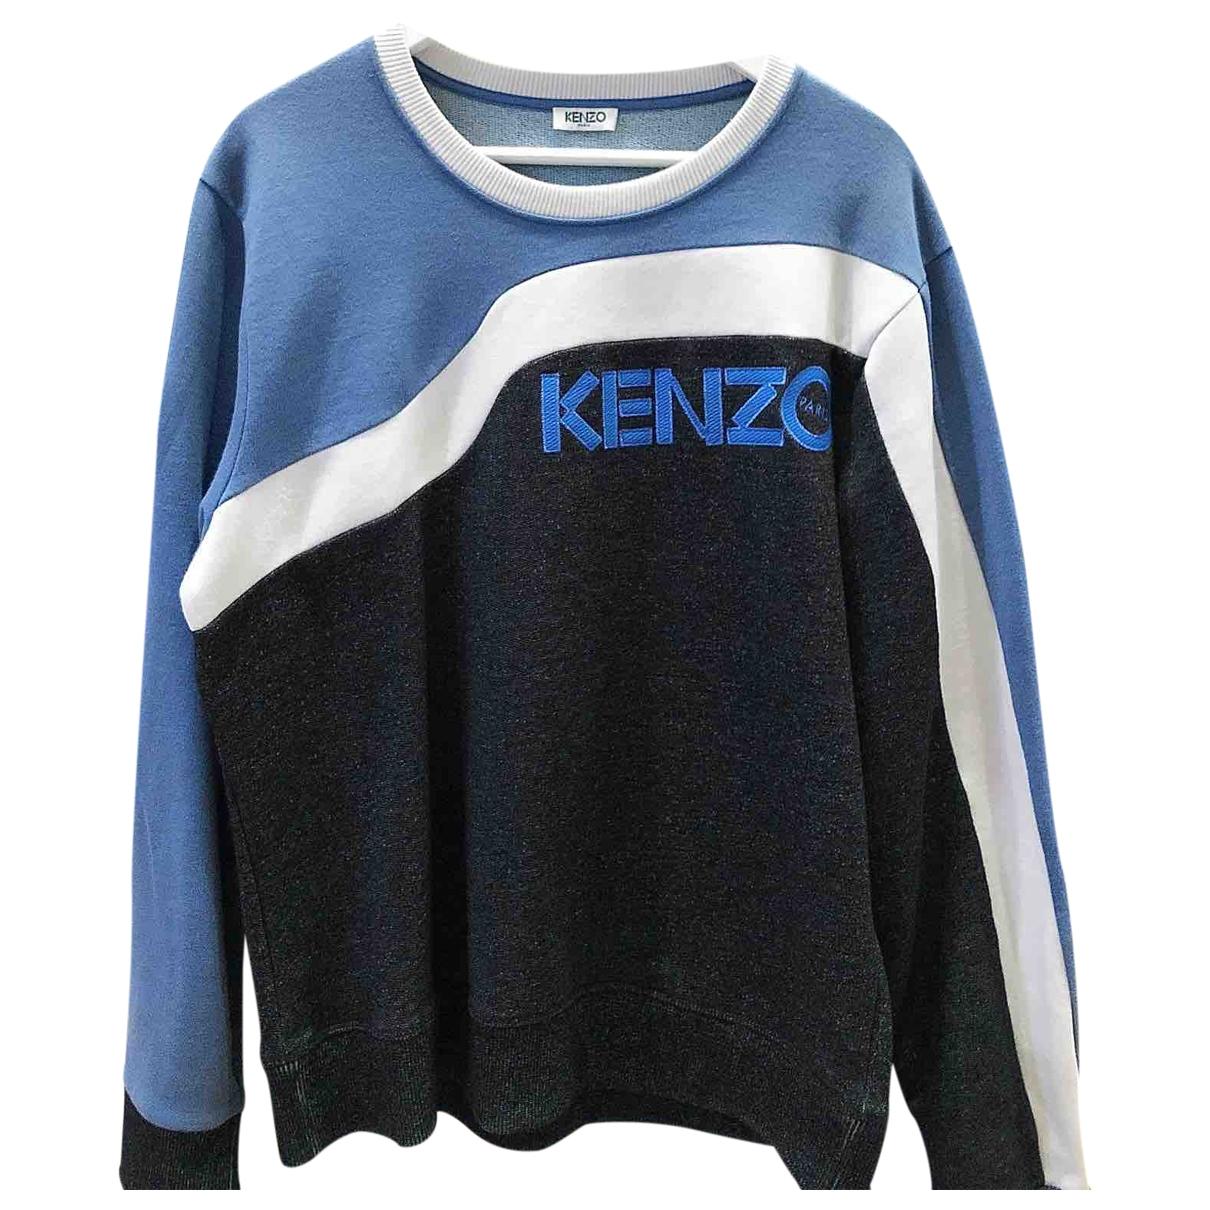 Kenzo \N Blue Cotton Knitwear & Sweatshirts for Men M International